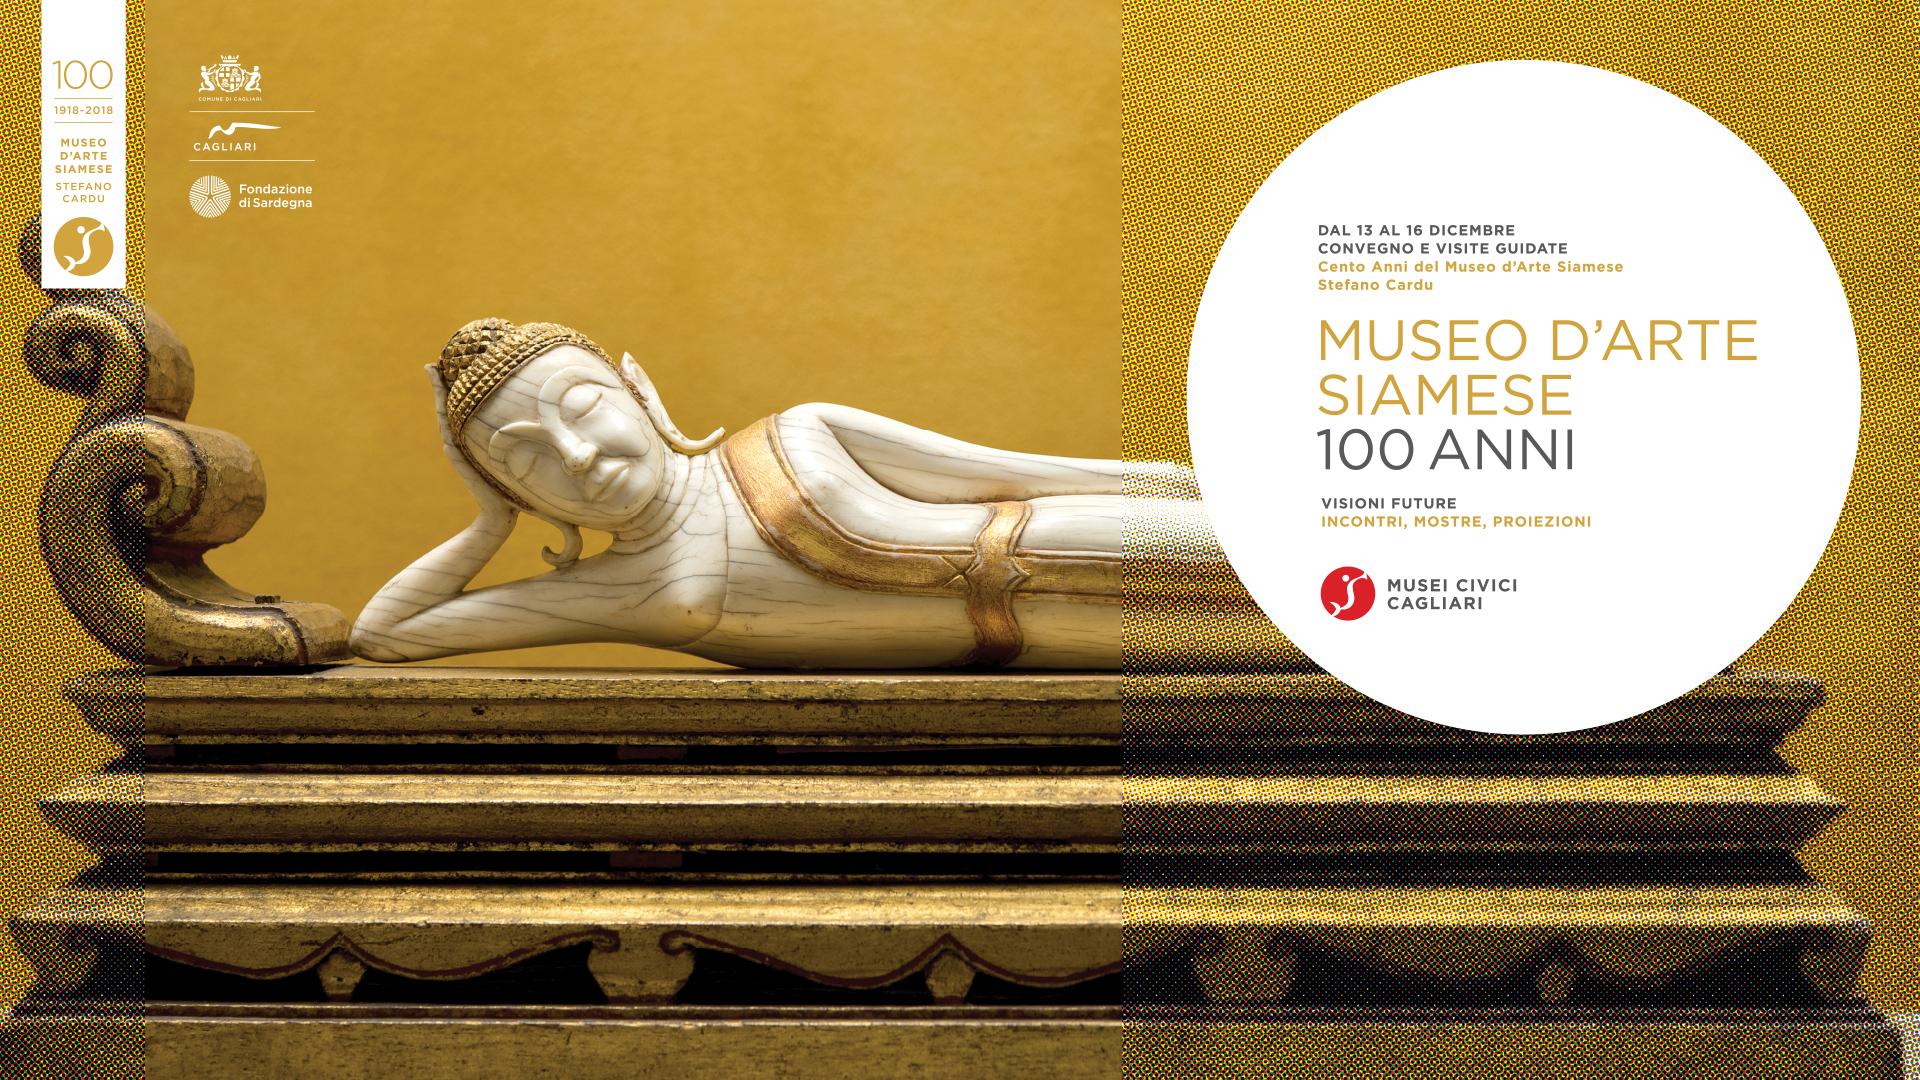 100 Anni del Museo di Arte Siamese Stefano Cardu - Musei